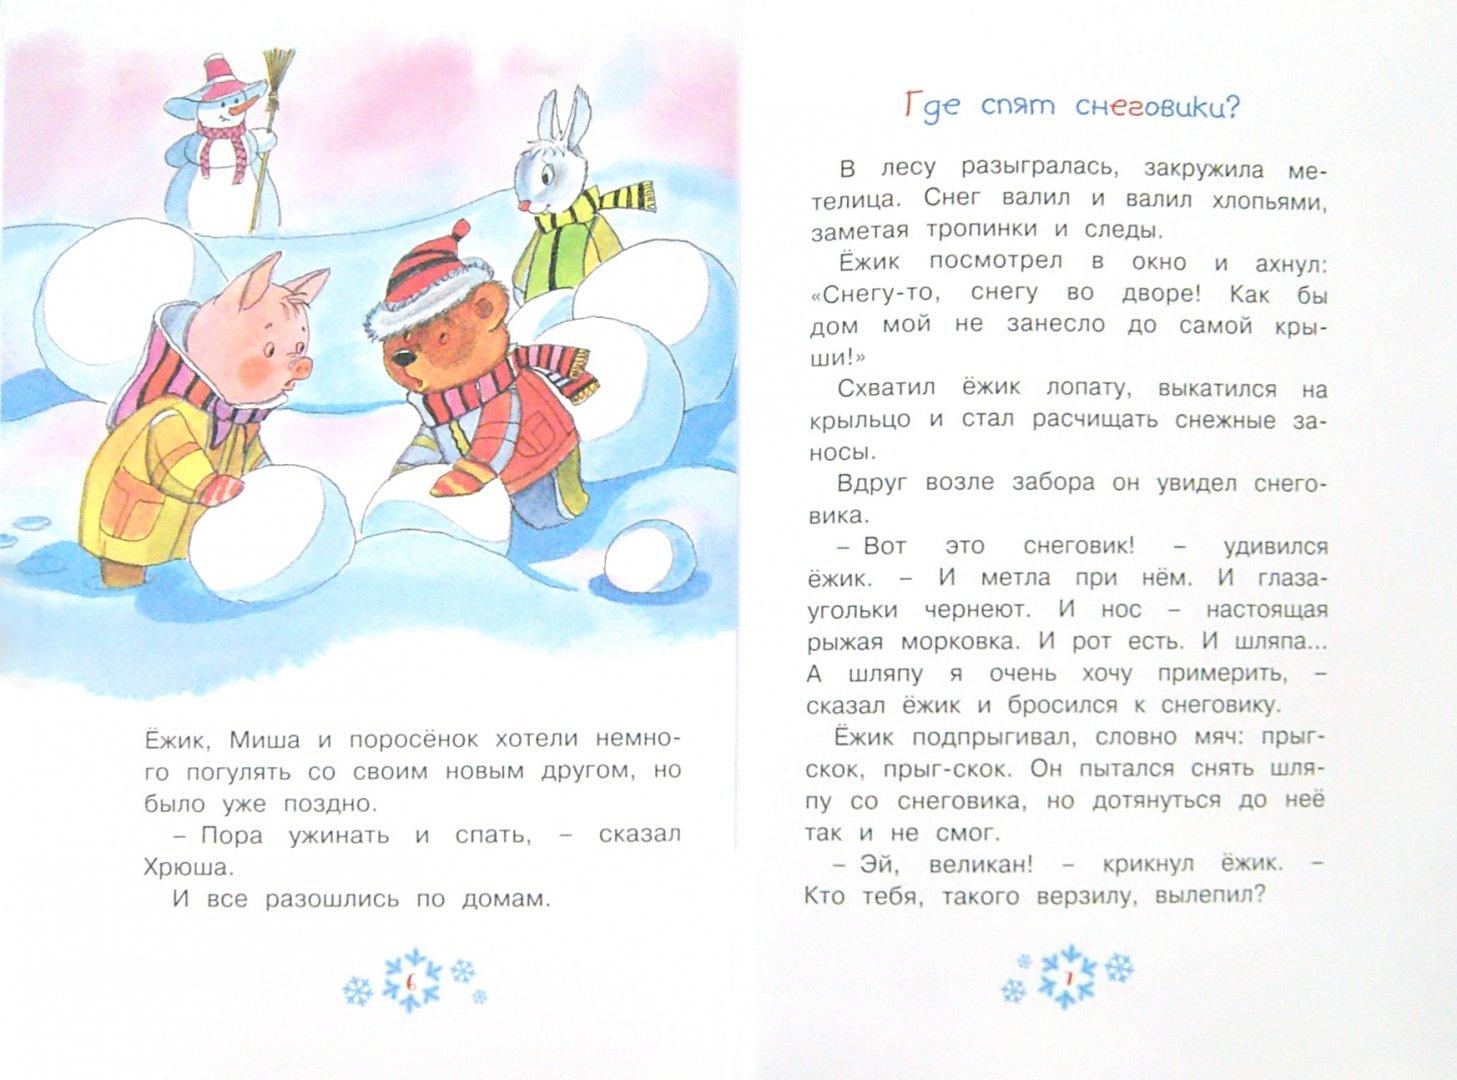 Иллюстрация 1 из 18 для Где спят снеговики? - Надежда Притулина | Лабиринт - книги. Источник: Лабиринт